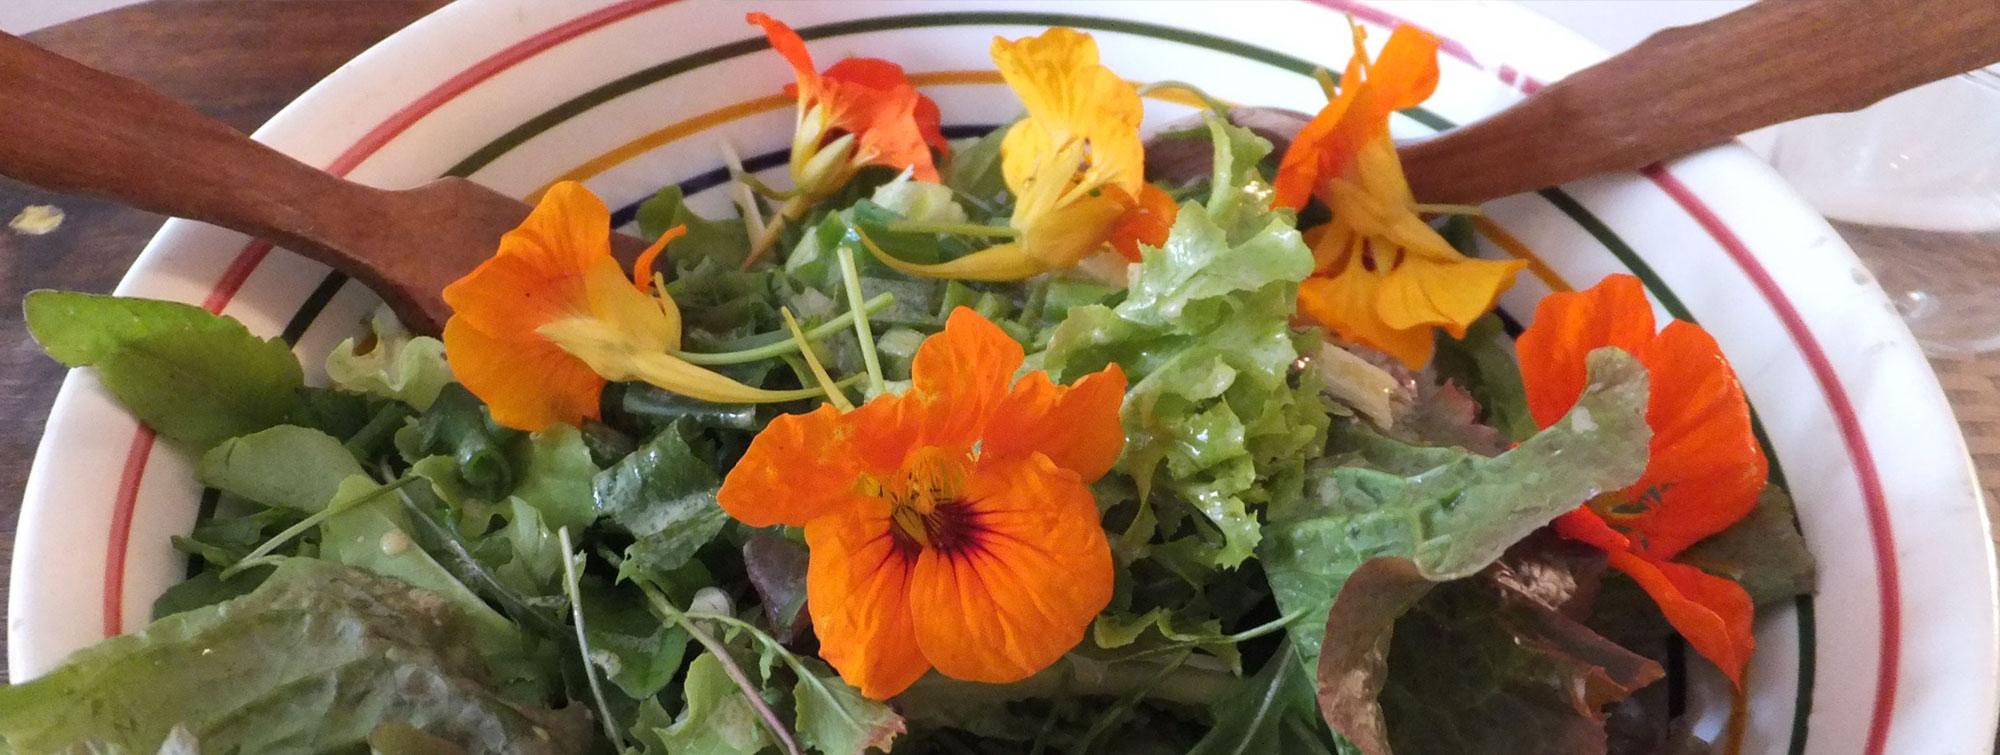 salade aux fleurs de capucine à la table d'hôte Les épilobes